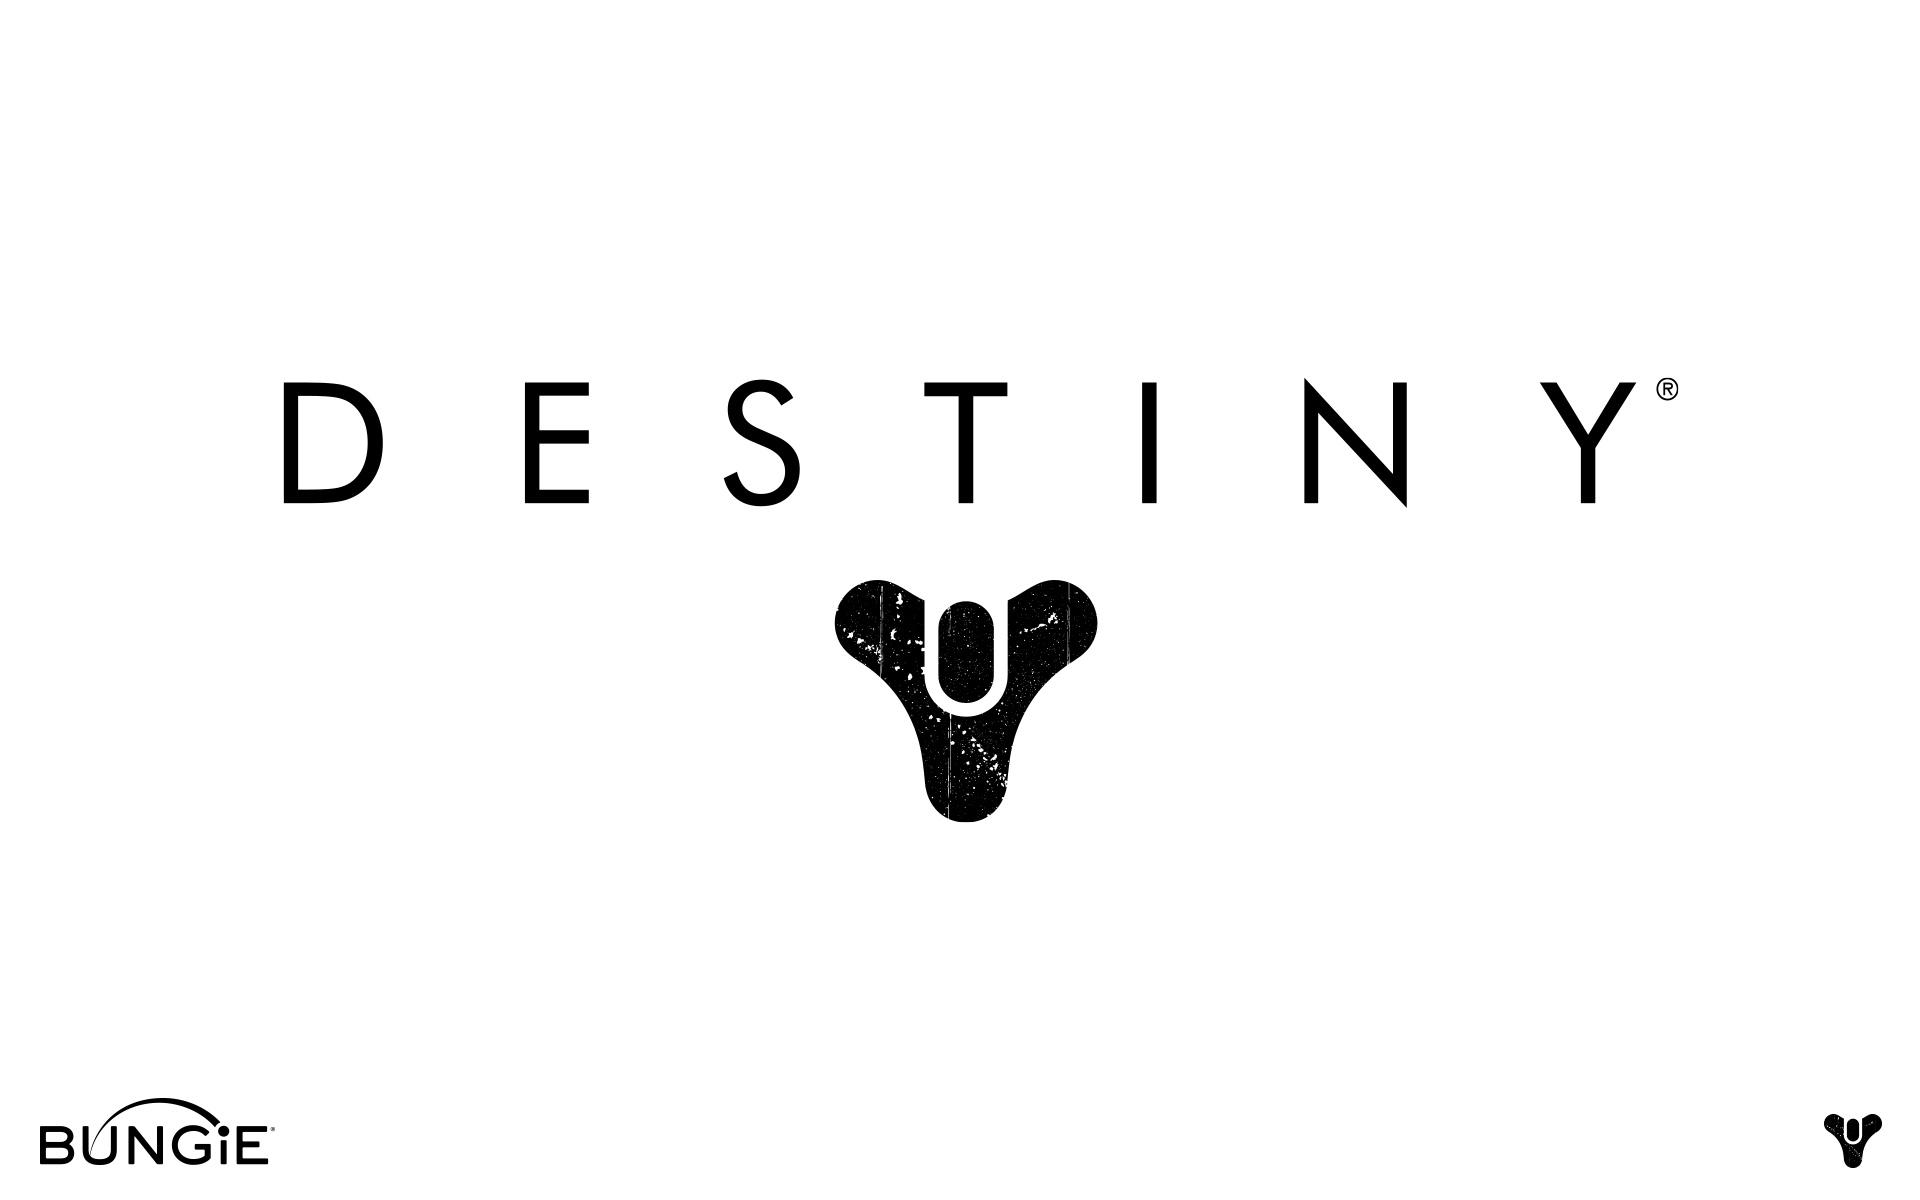 destiny logo 7474